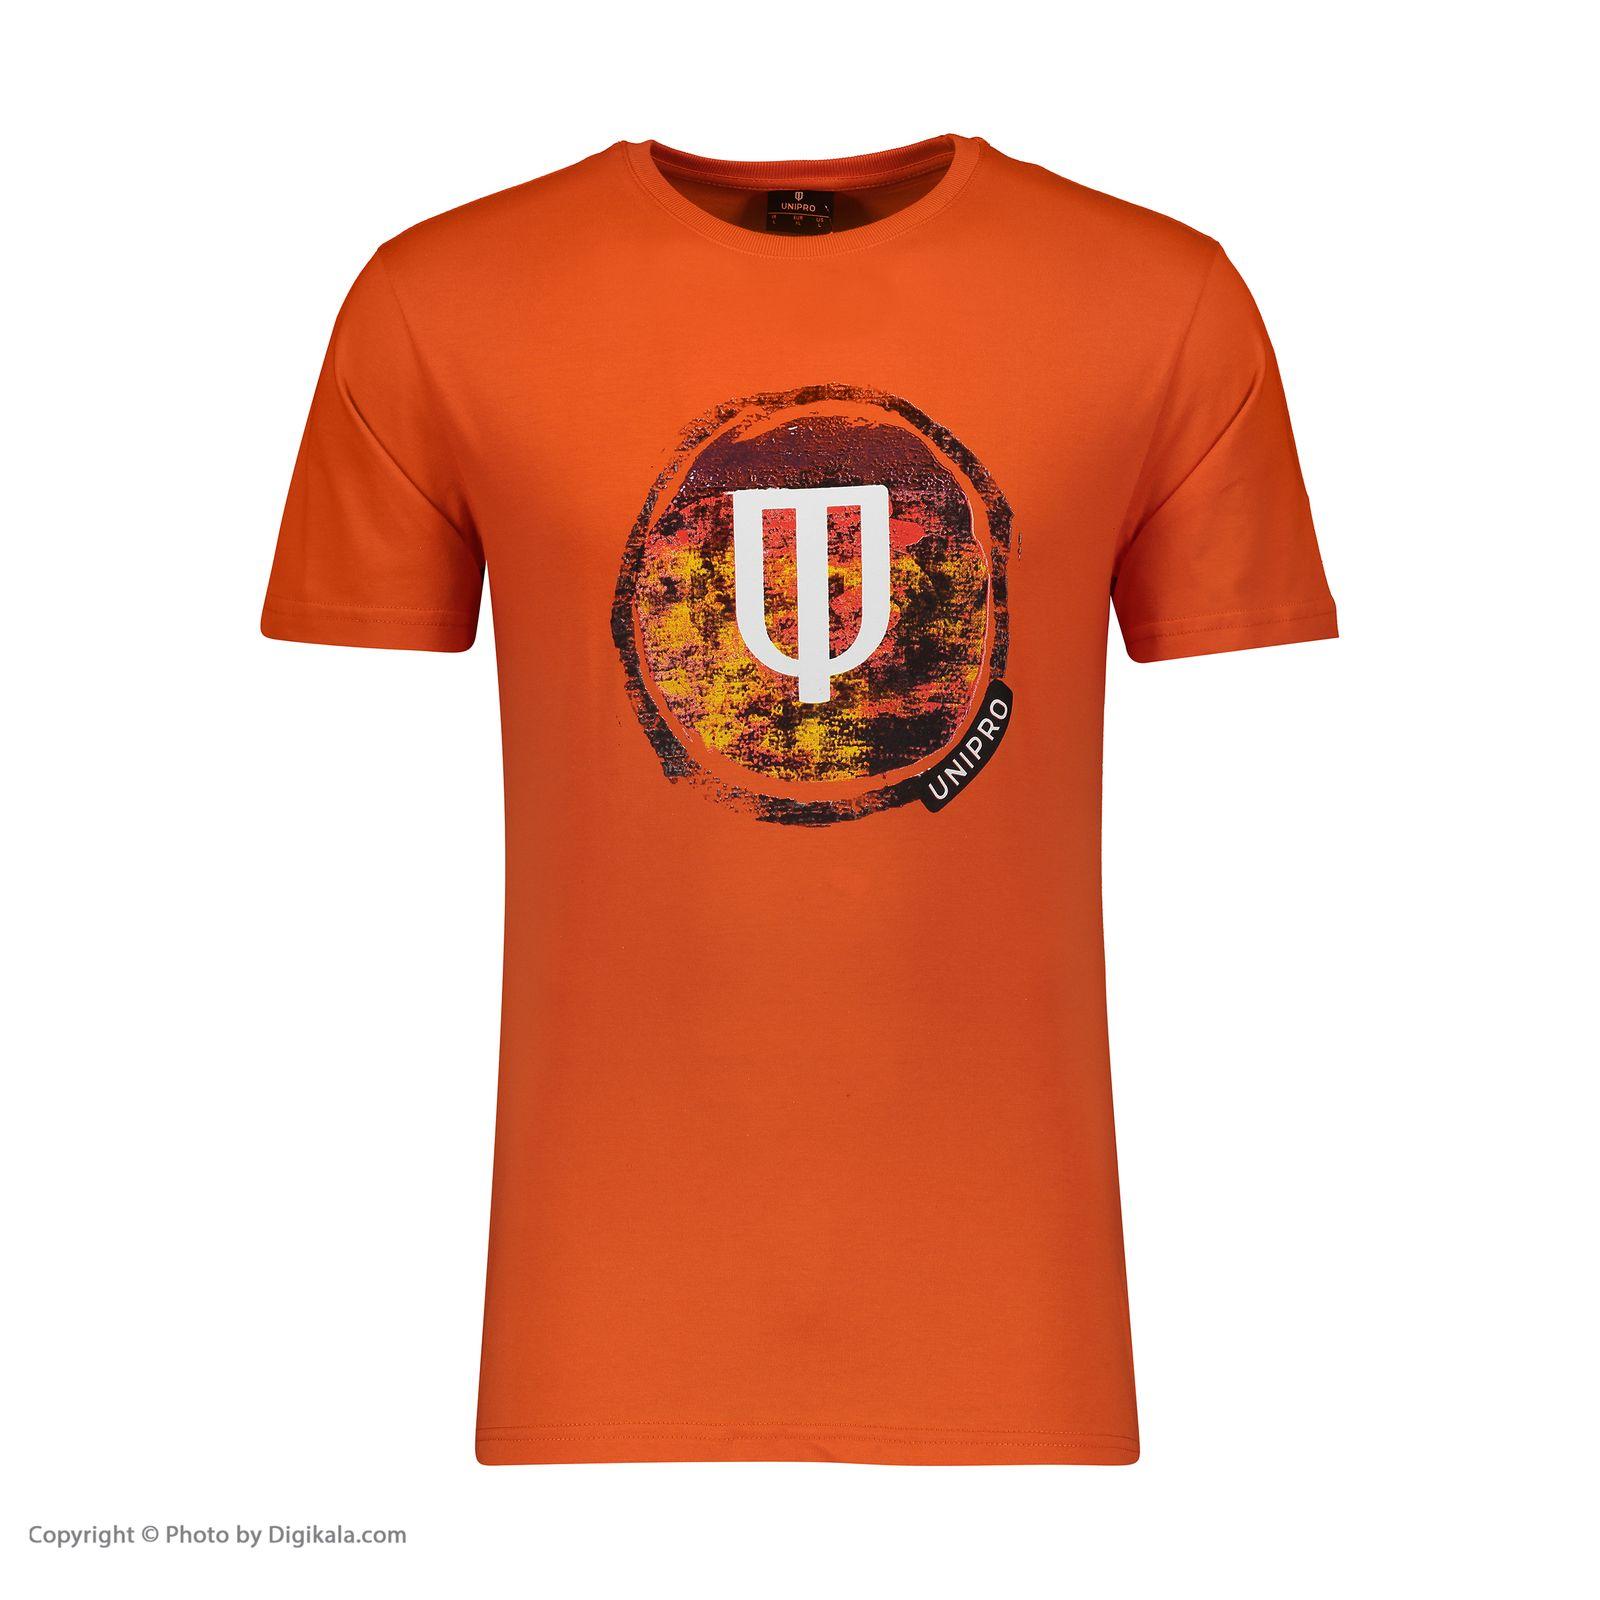 تی شرت ورزشی مردانه یونی پرو مدل 914119324-30 -  - 2